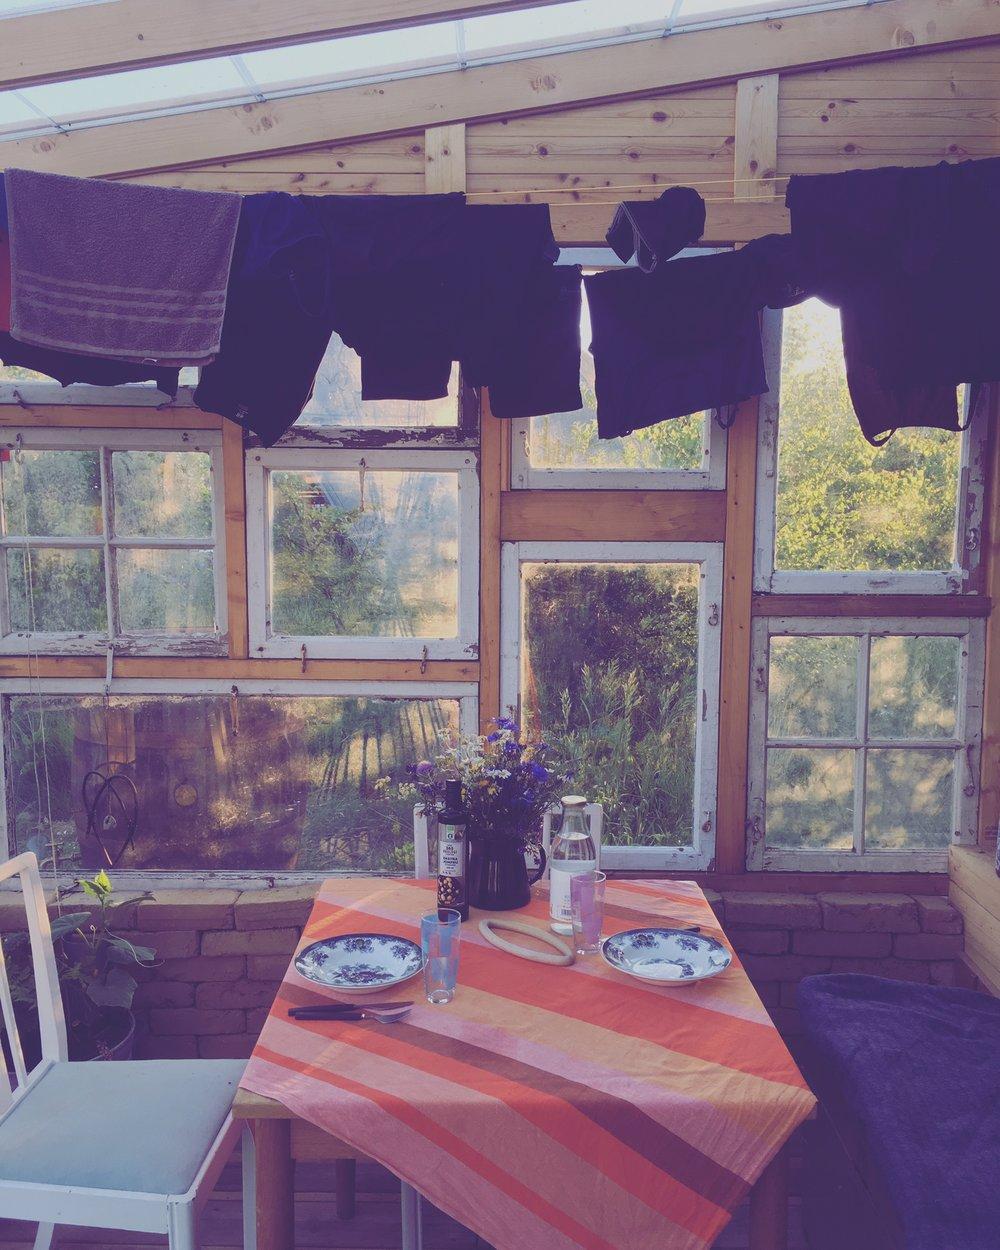 Om kvelden er det så vakkert lys gjennom de støvete gamle vinduene. Vi har også stablet et lag ubrente leirstein opp som termisk masse, så holder solvarmen litt utover kvelden. Godt for oss og godt for tomat- og agurkplantene våre.